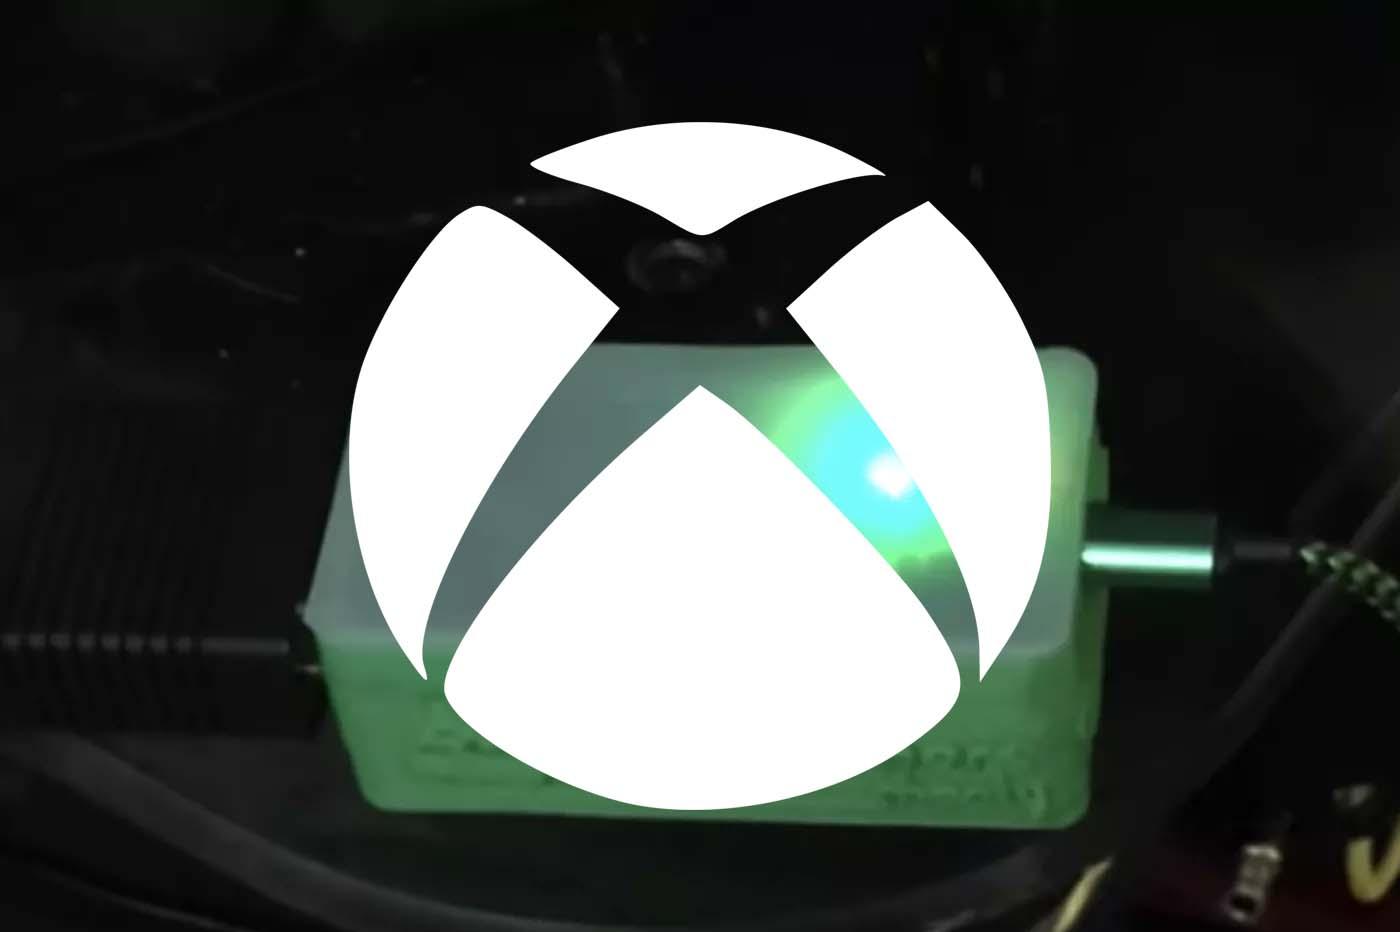 Xbox tiếp tục đẩy các giới hạn về khả năng tiếp cận với một phụ kiện cho người chơi trên xe lăn điện 7